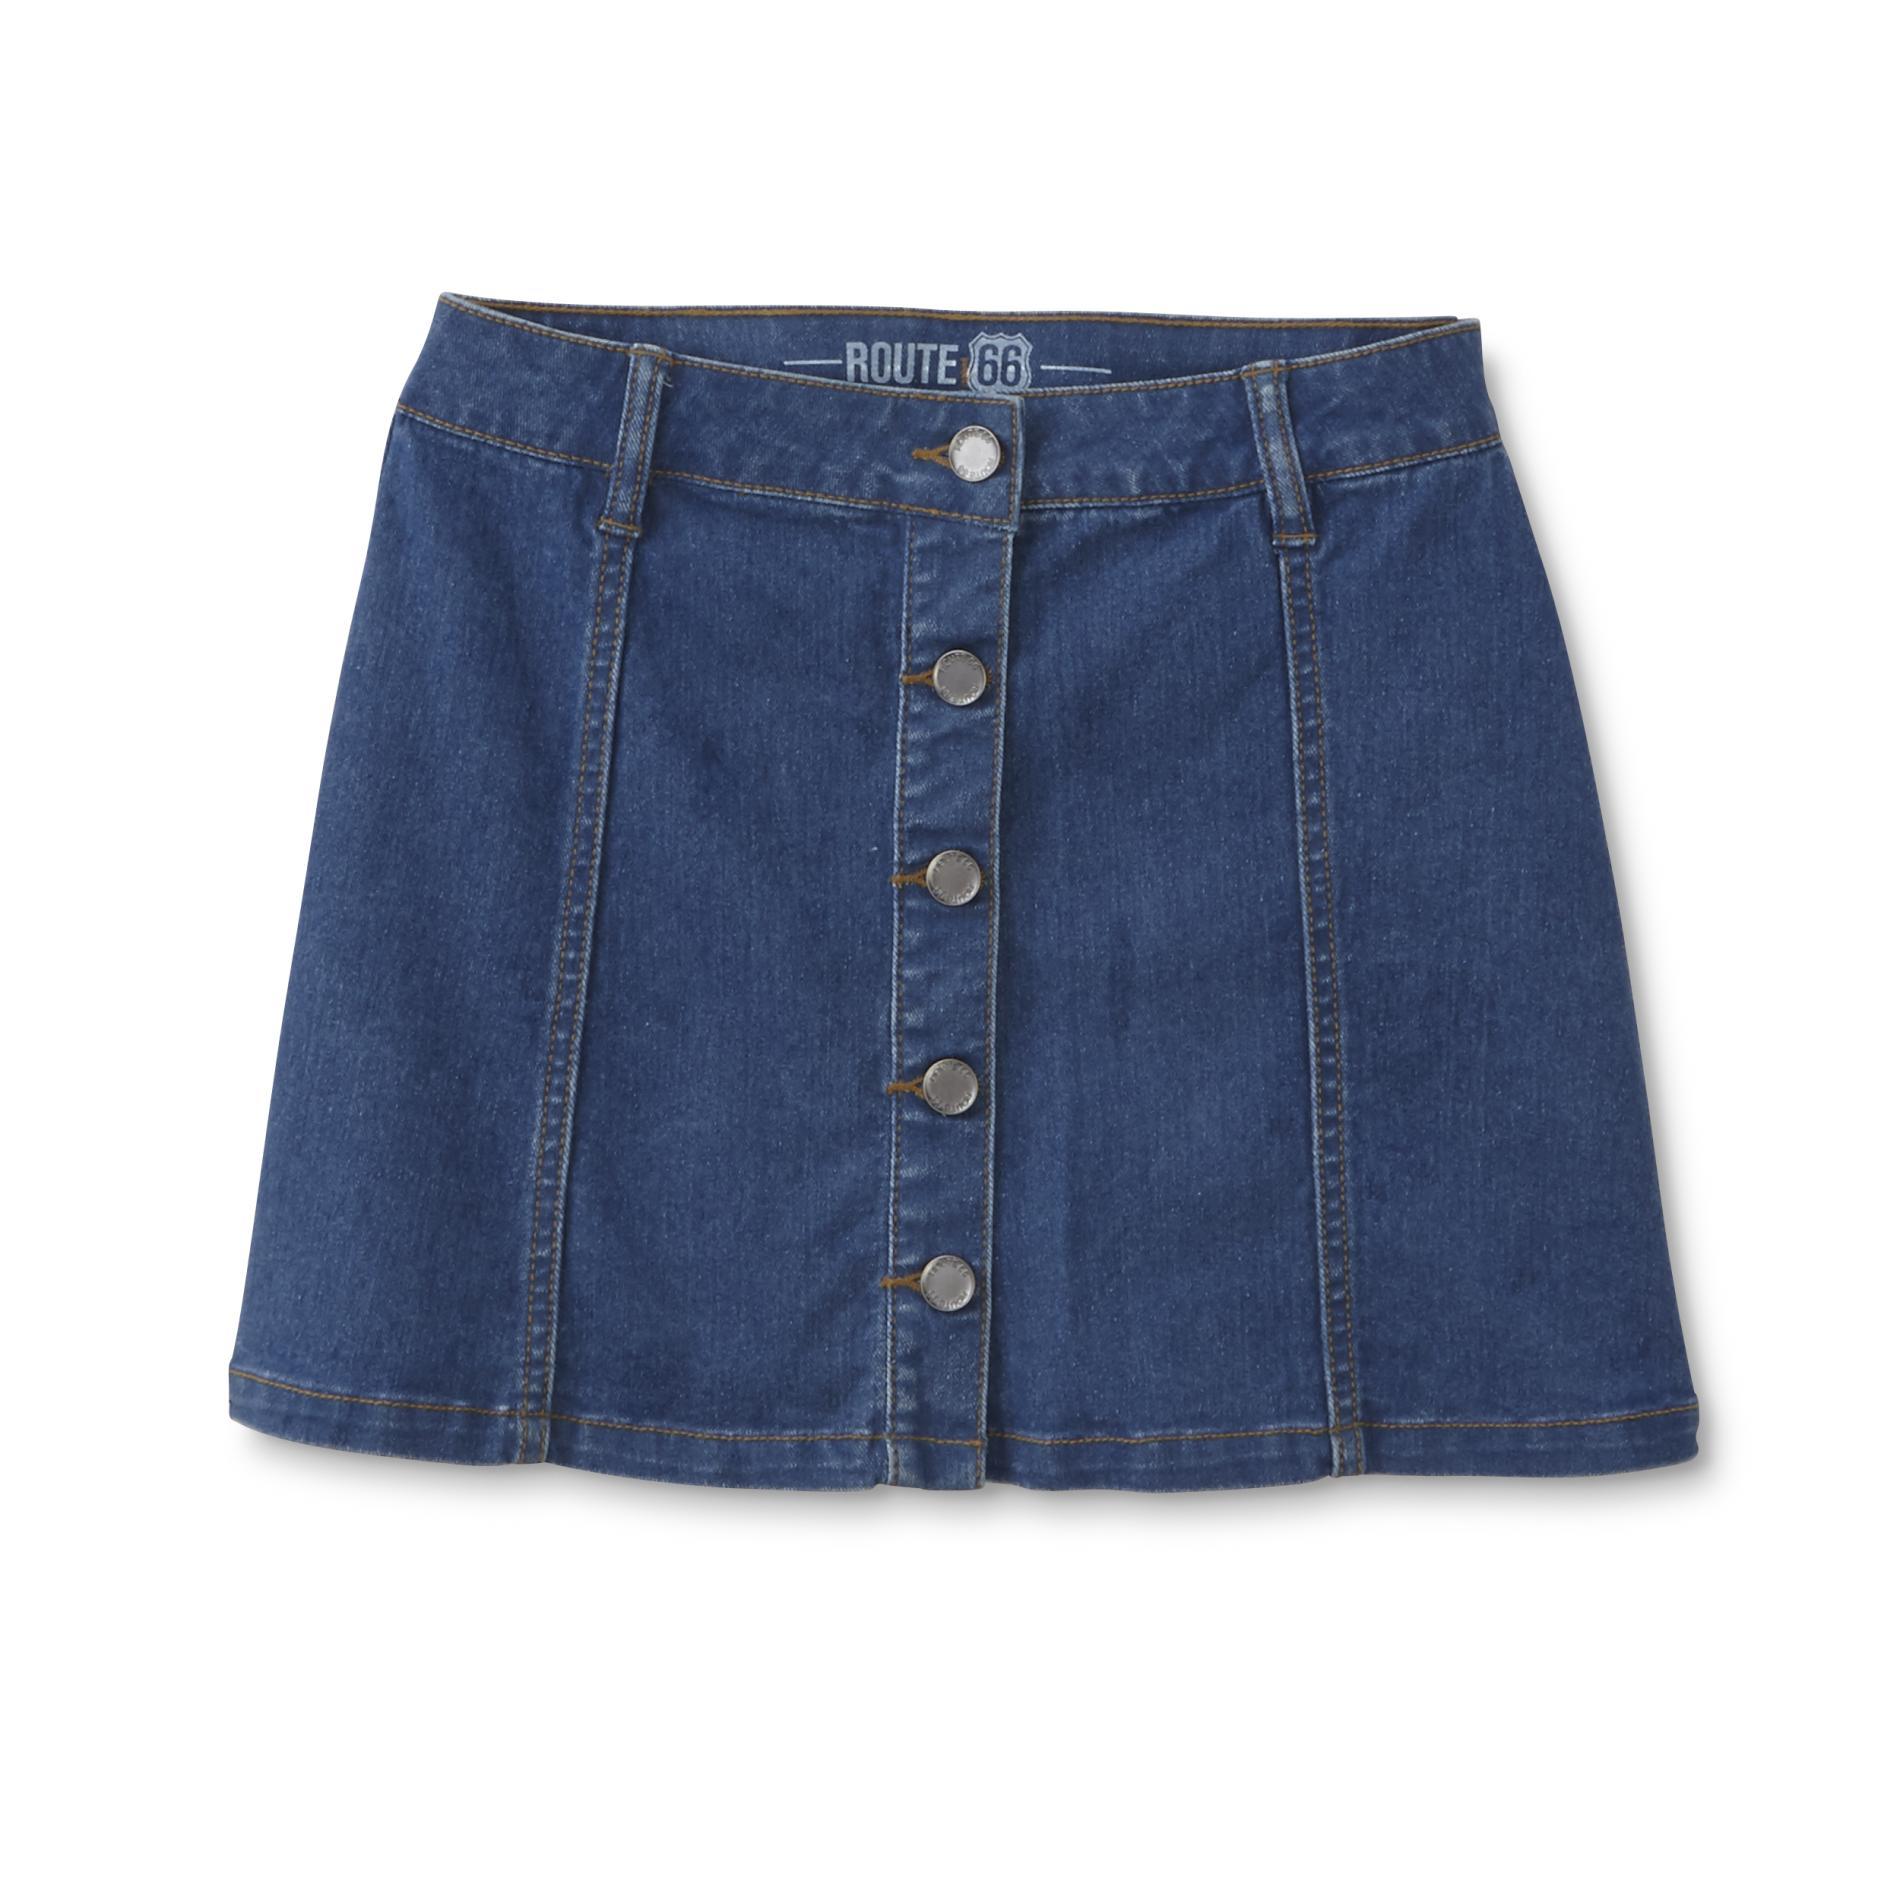 Route 66 Girl's Denim Skirt